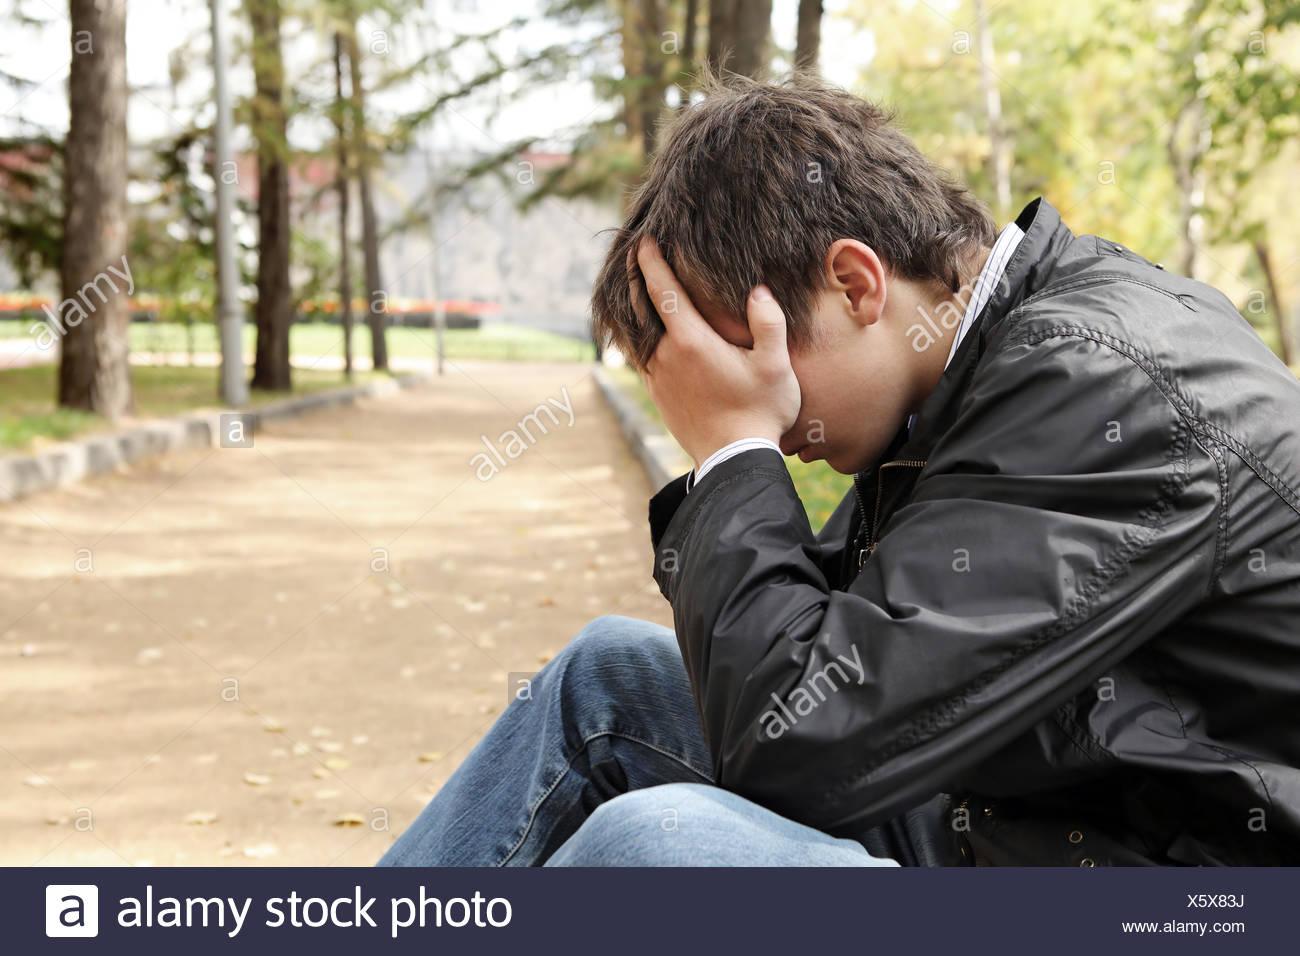 Sad Young Man Stock Photo 279016294 Alamy